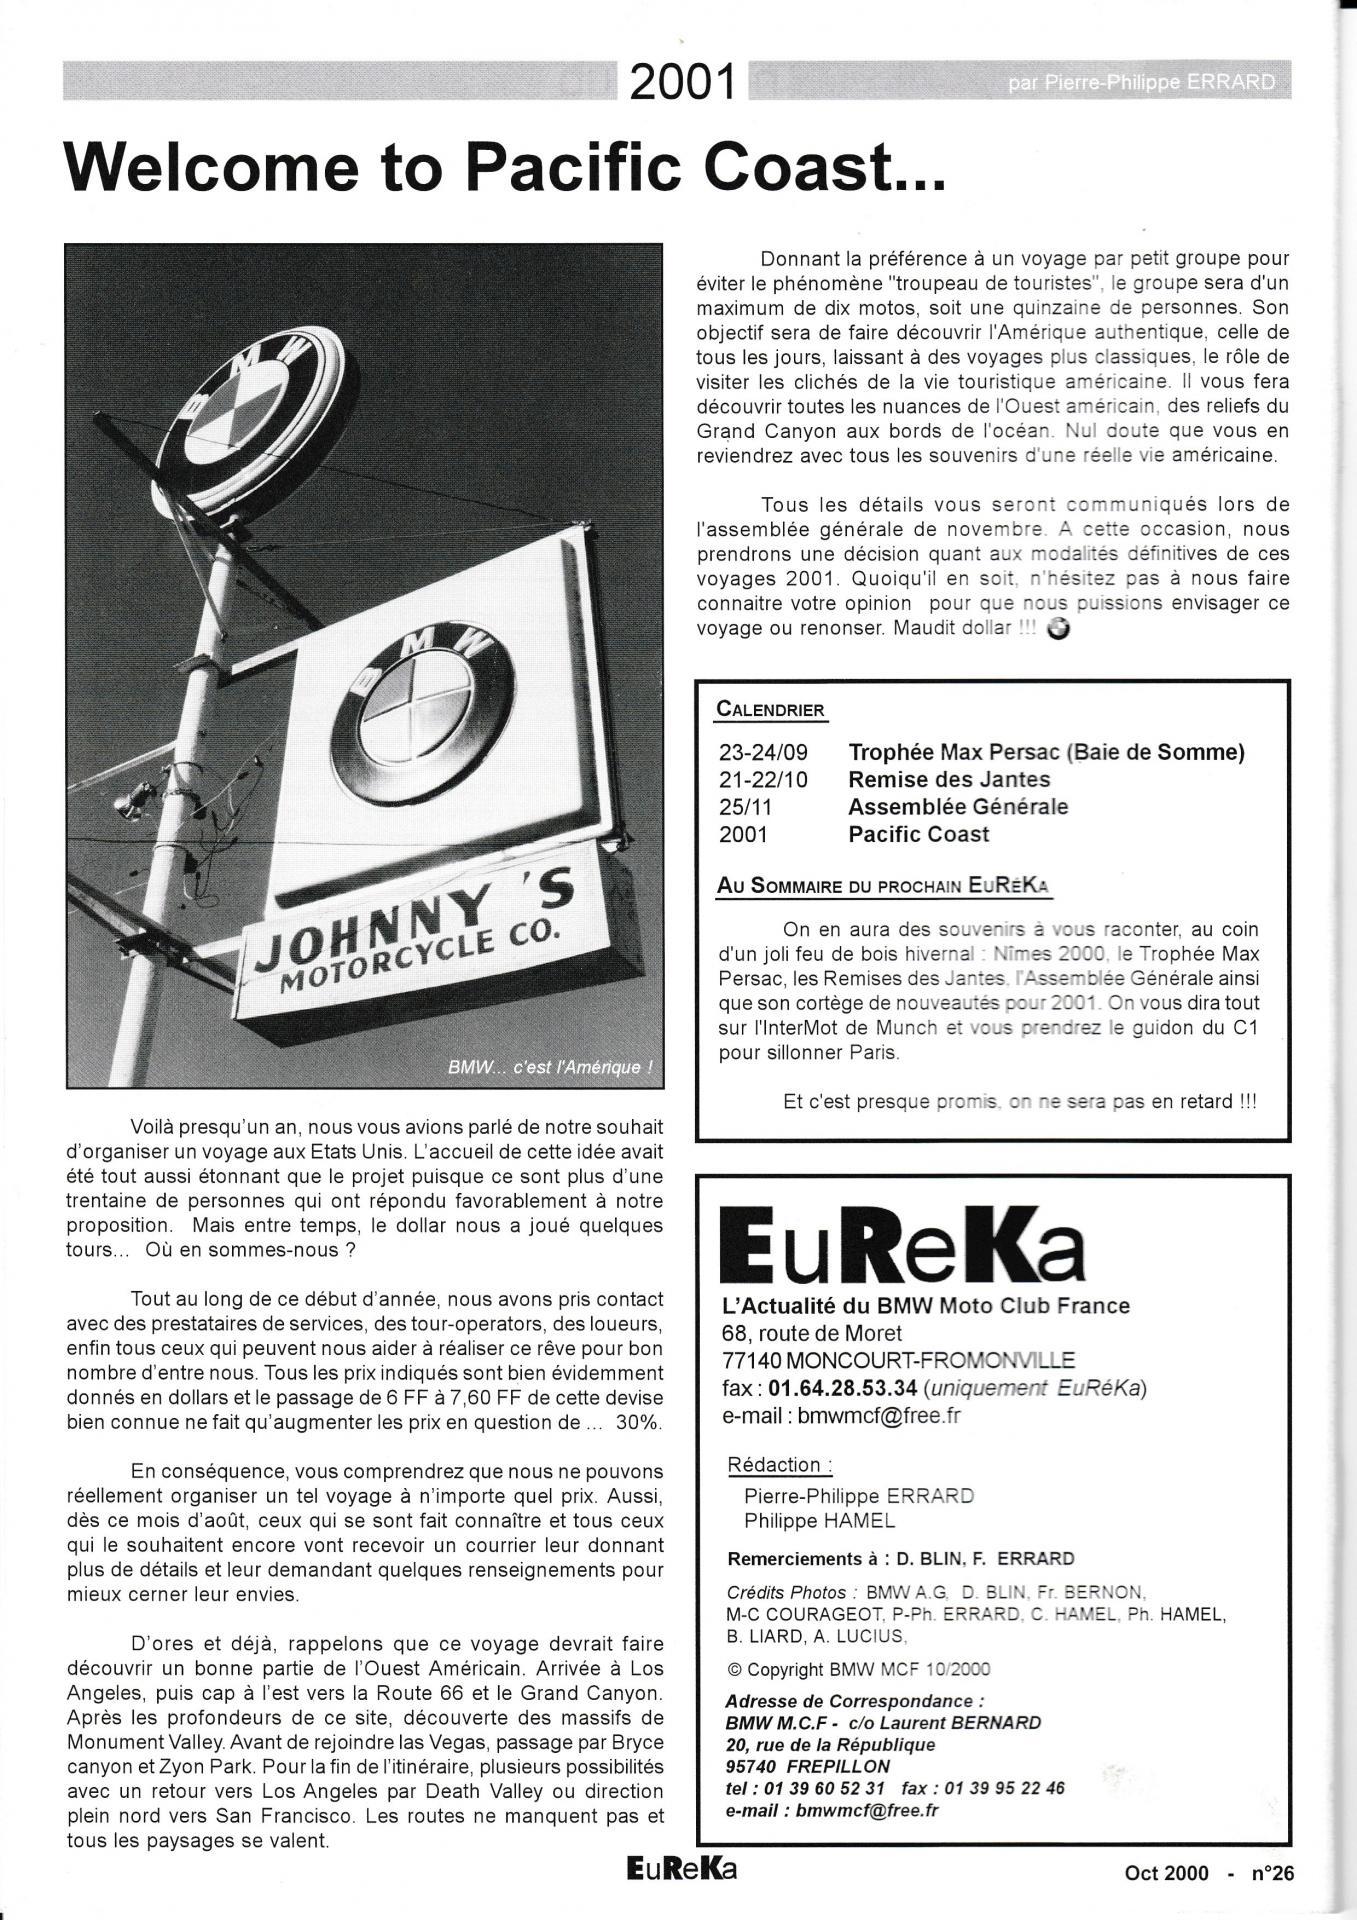 Eureka n 26 28